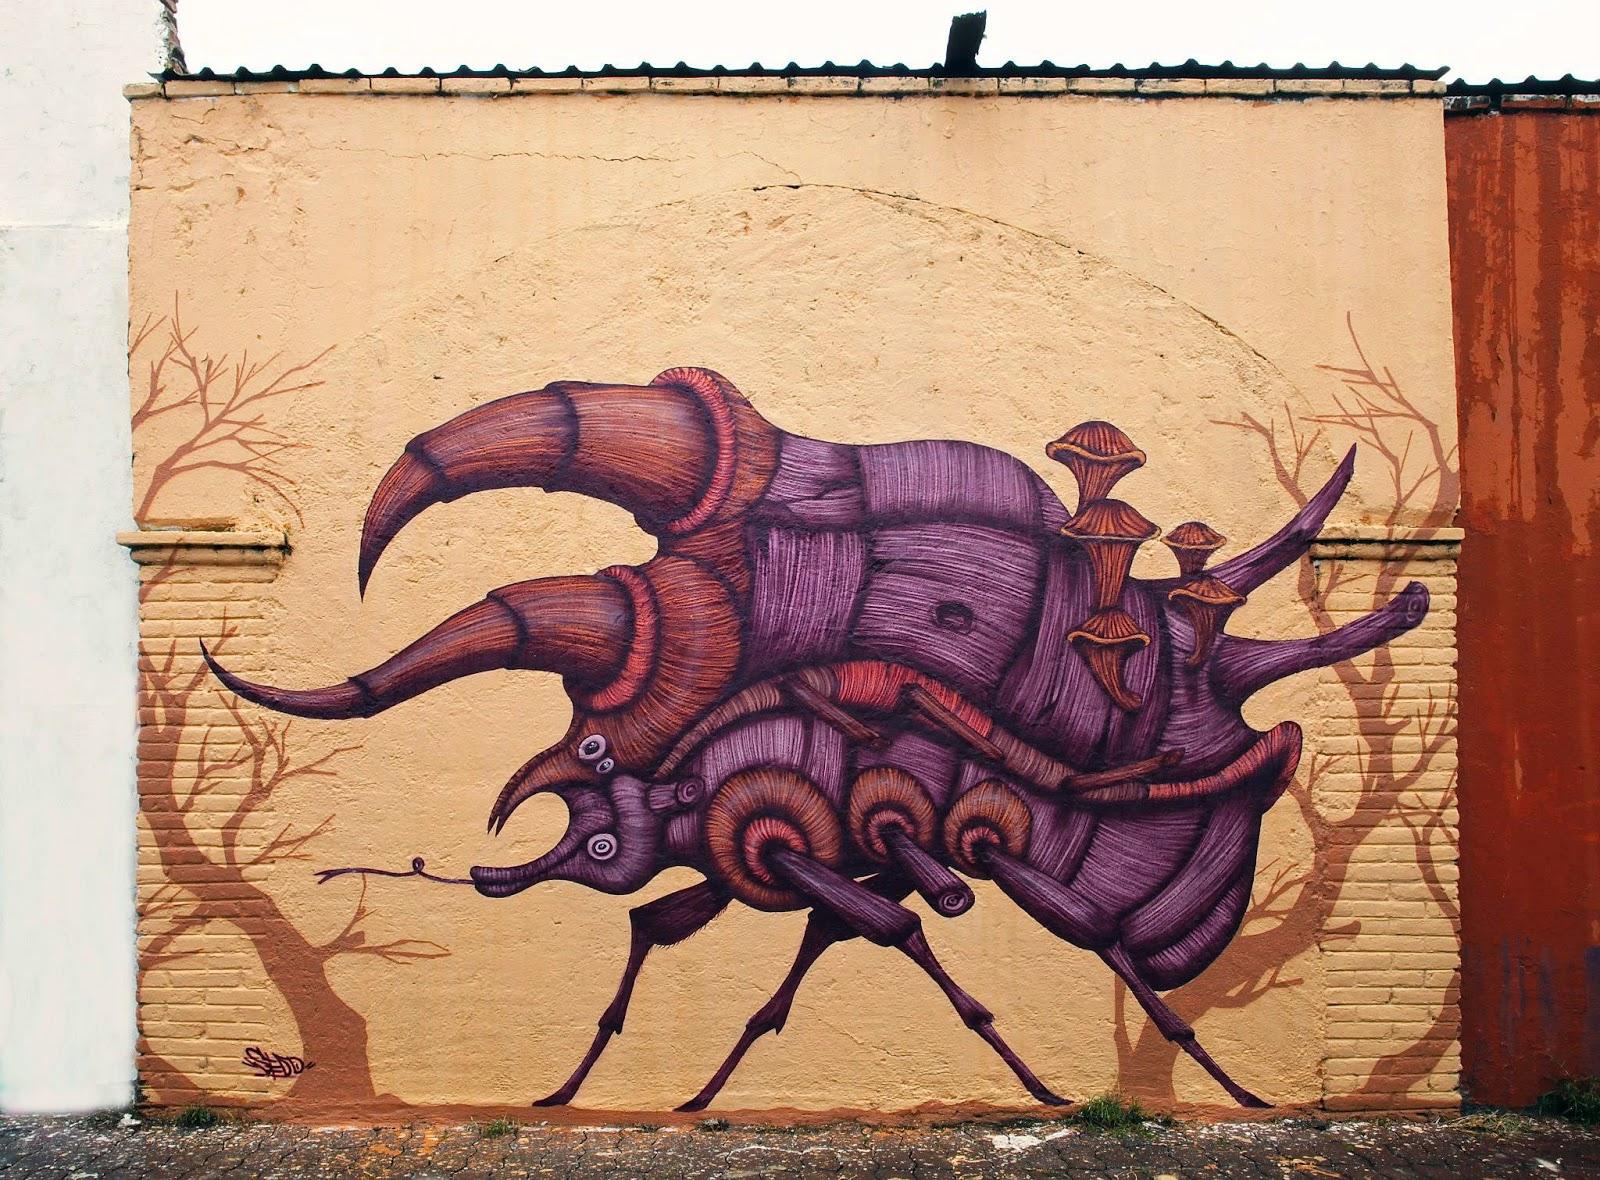 Sego new mural for board dripper in queretaro mexico for Arte mural mexicano